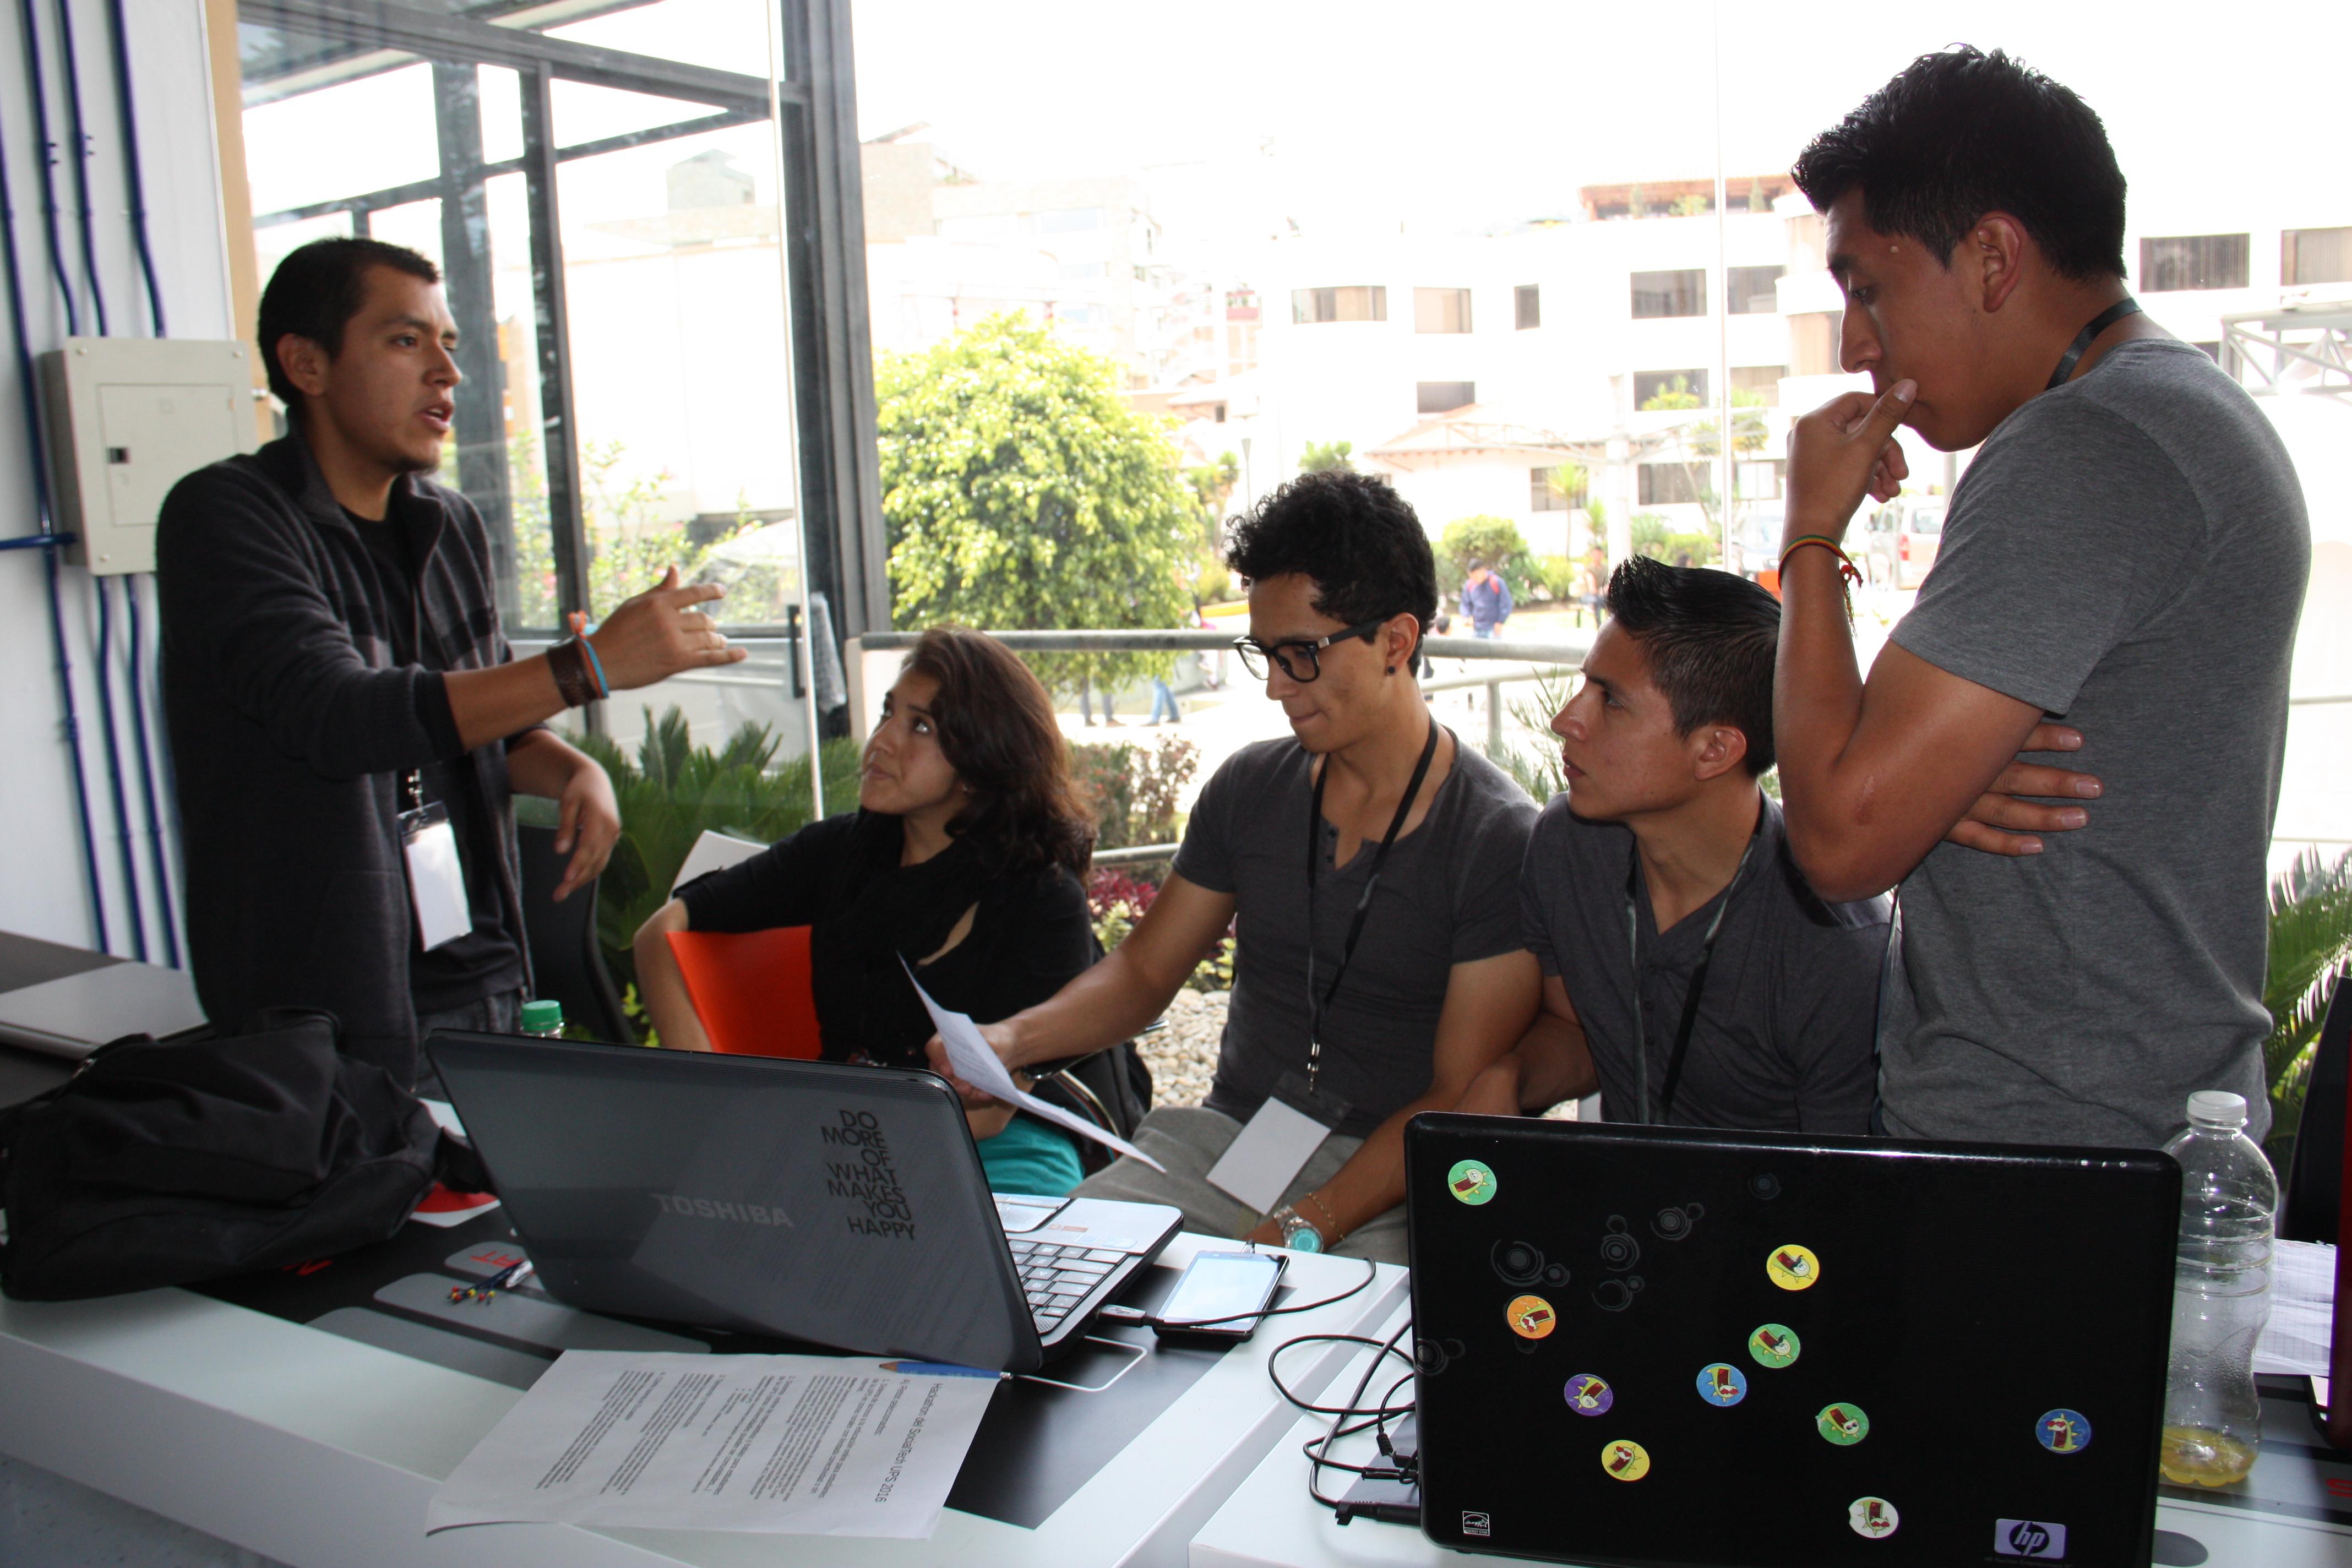 Vitalidad de la propuesta, innovaciones metodológicas, didácticas y comunicacionales